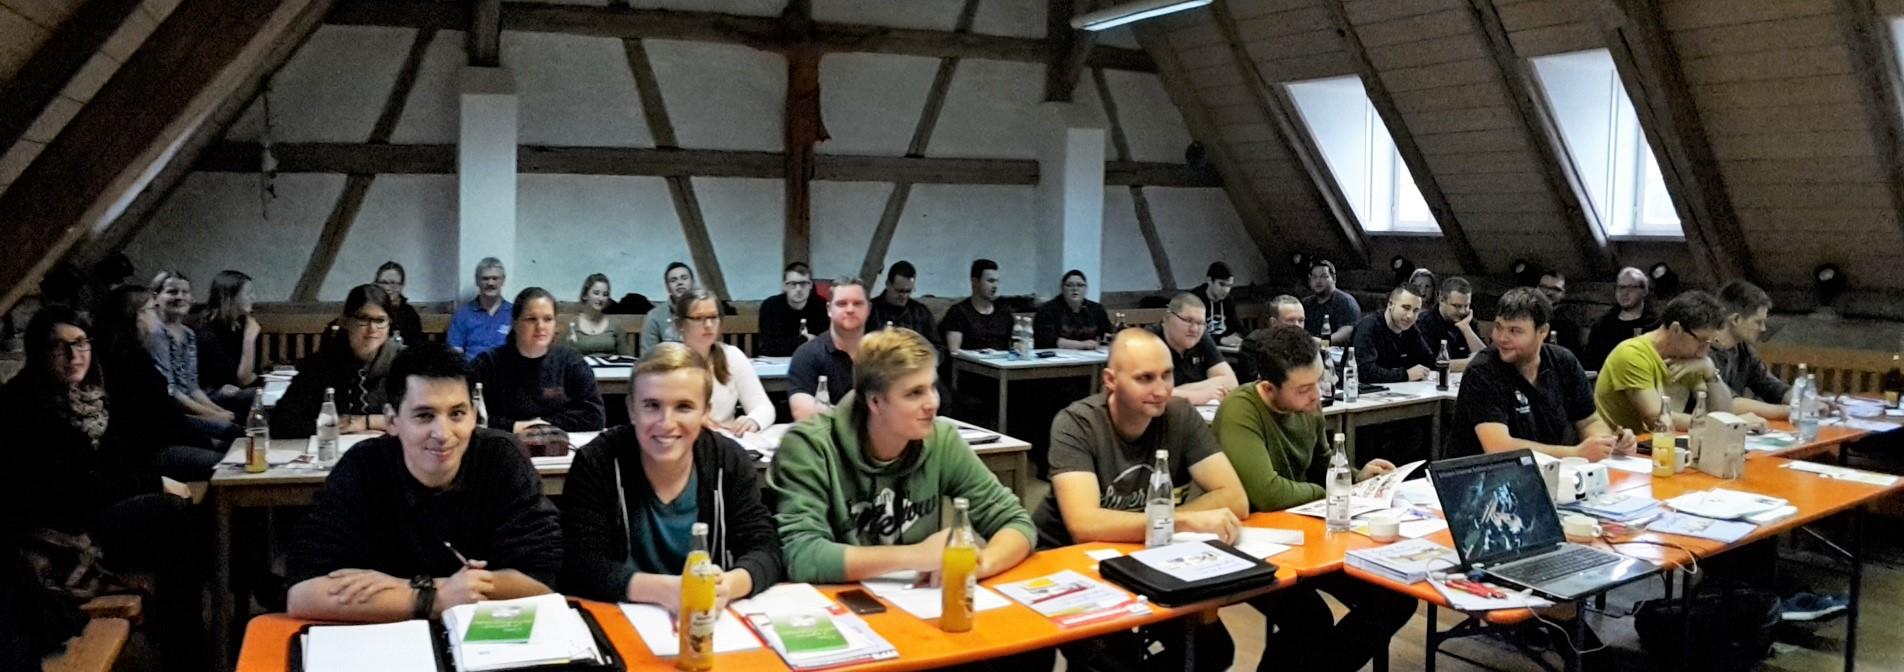 Treffen der Jugendwarte/innen und Ausbilder/innen zum Seminar